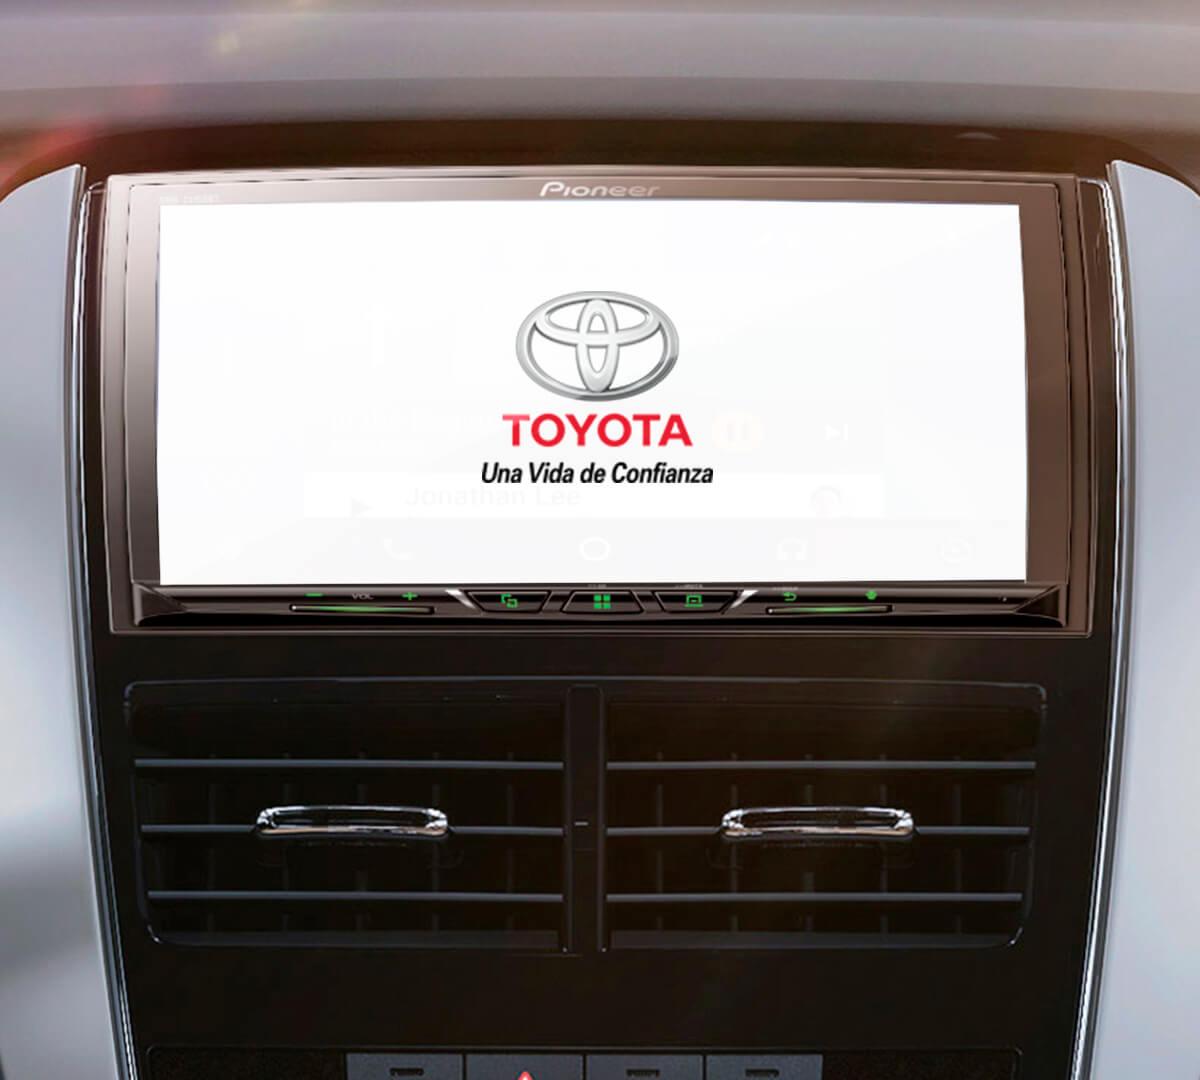 Sistema de audio del Toyota Yaris 2021- 2022